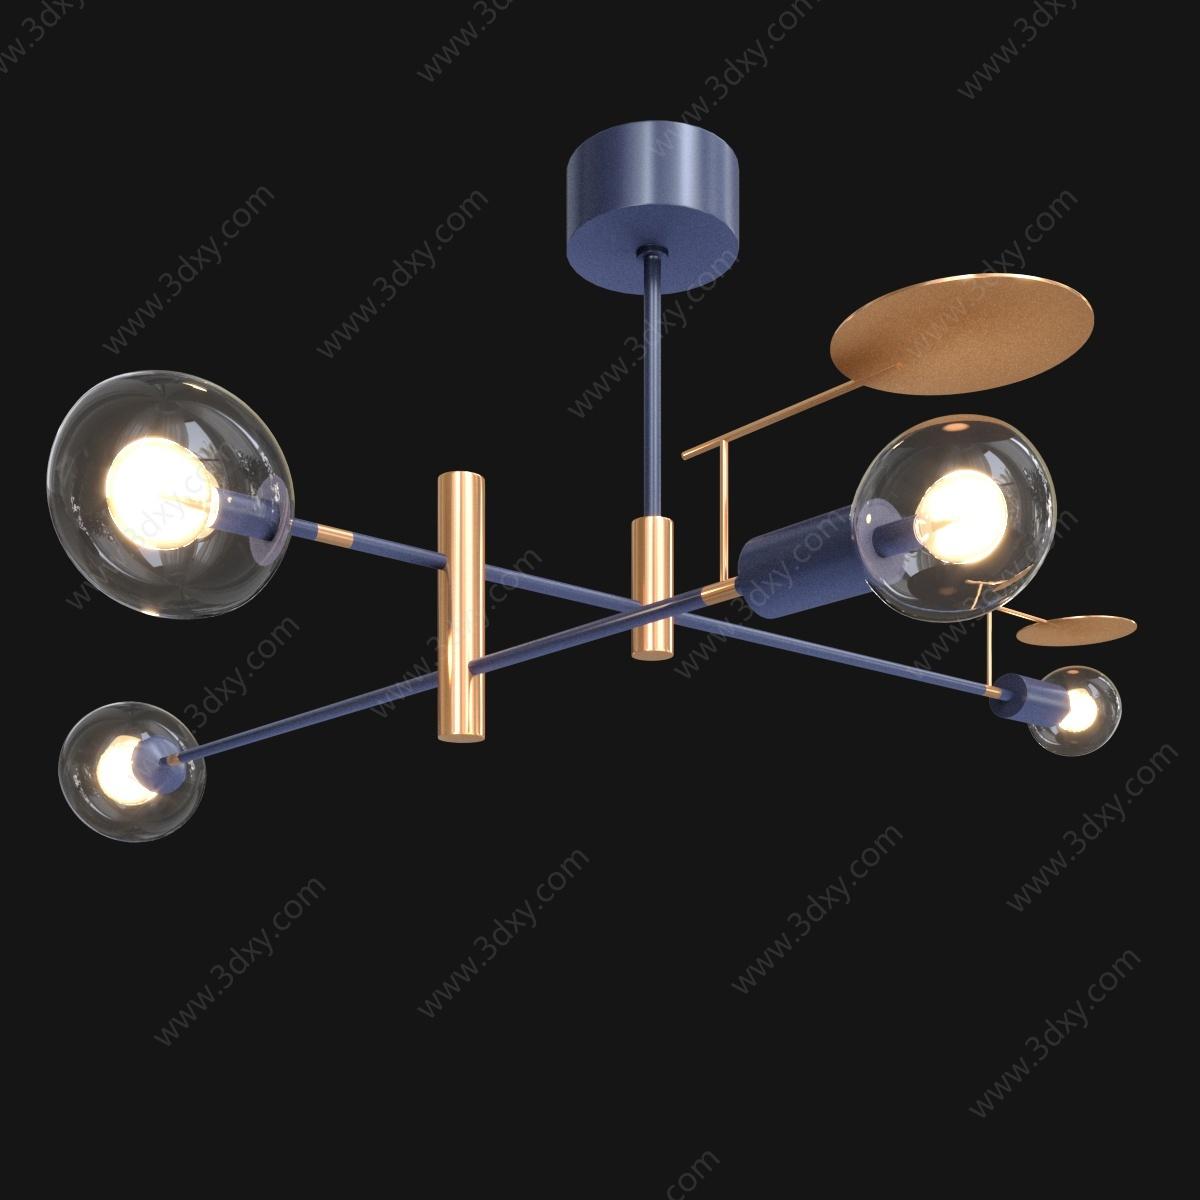 意大利T燈泡吊燈3D模型